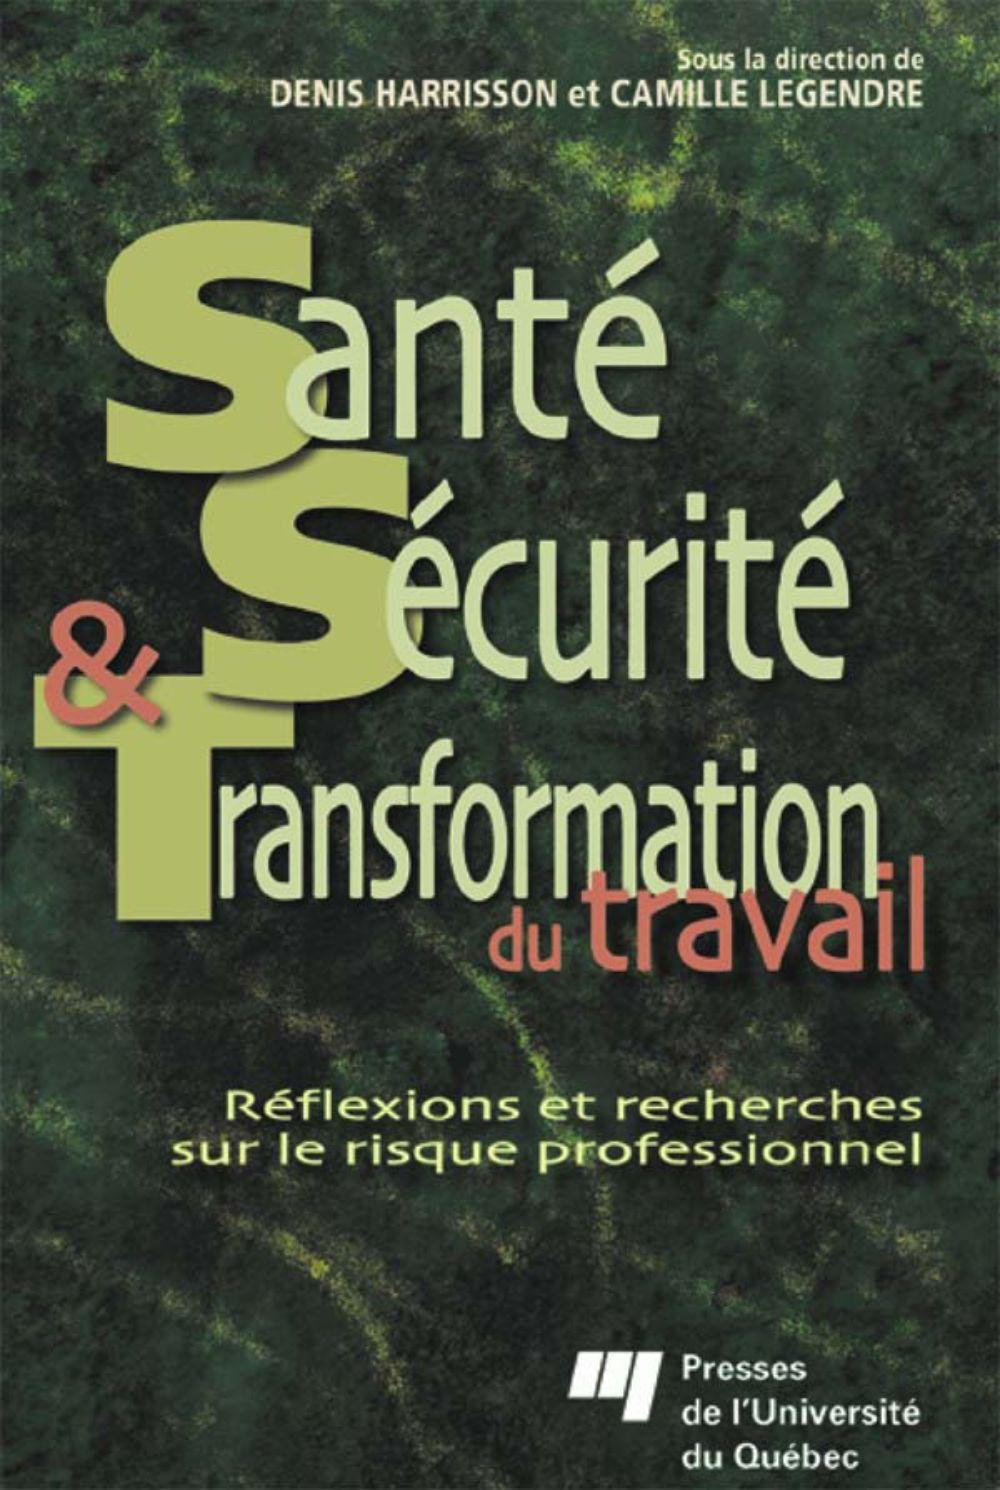 Santé, sécurité et transformation du travail